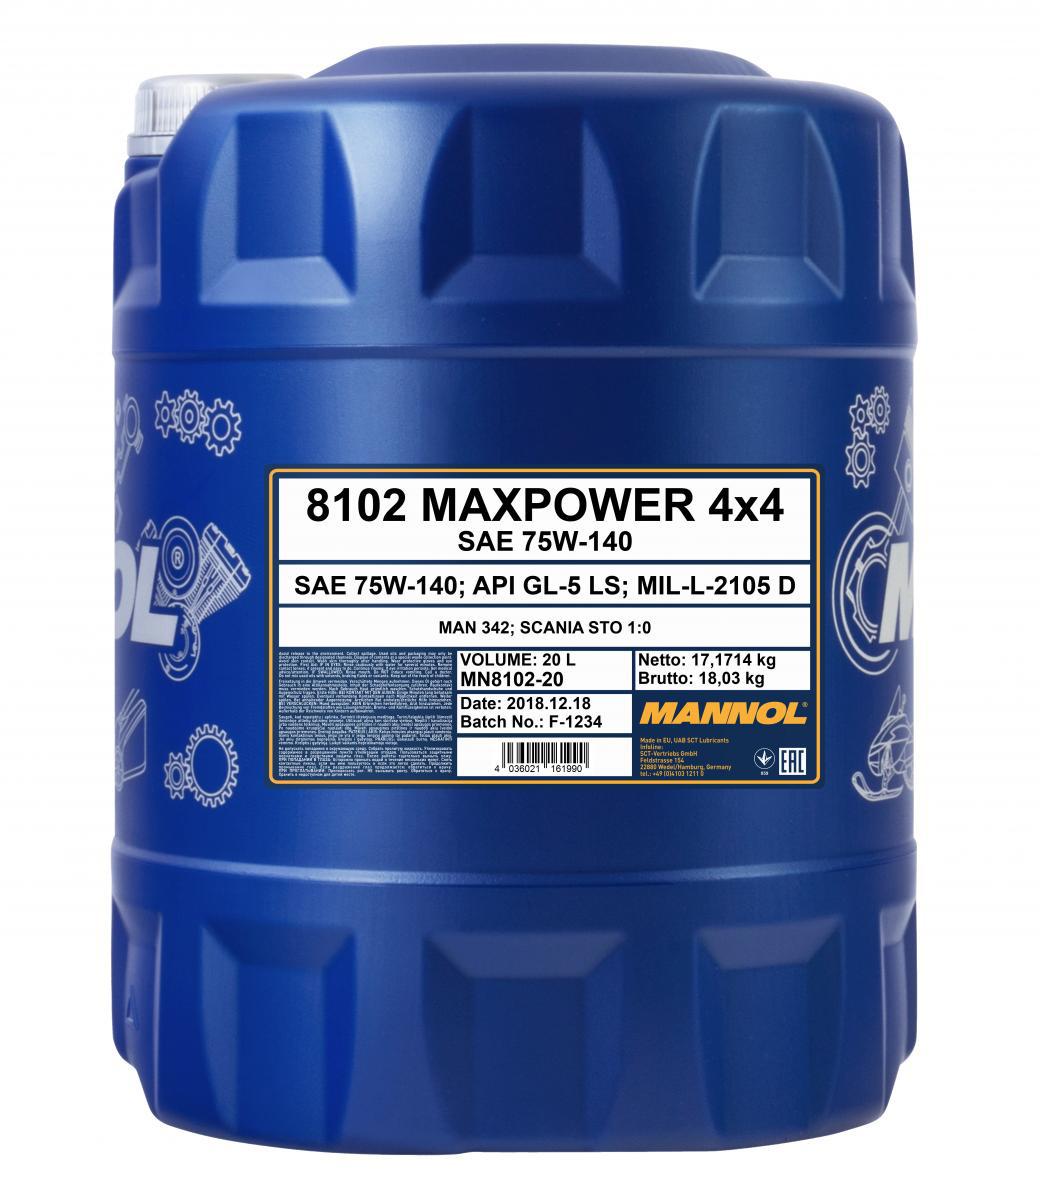 Maxpower 4x4 75W-140